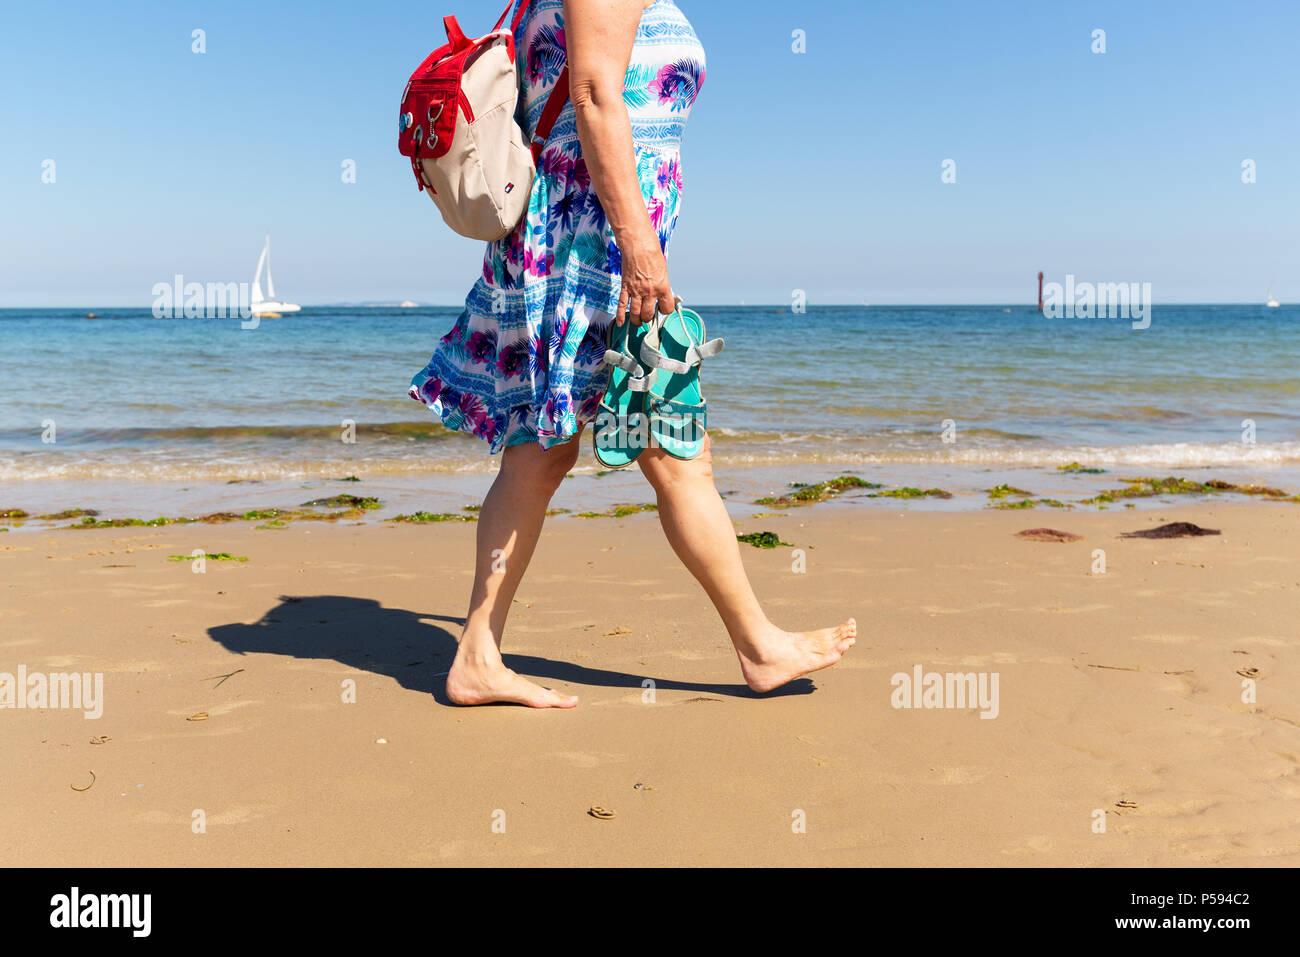 f17a5a636 Mujer caminando a lo largo de una playa de arena que llevaba un vestido de  verano con los pies descalzos, una mochila y llevar un par de sandalias.